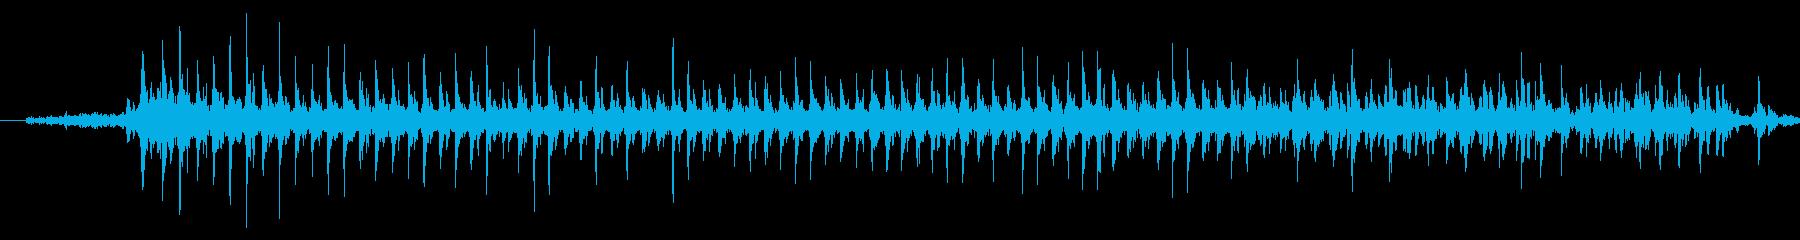 ドリルの音です。の再生済みの波形